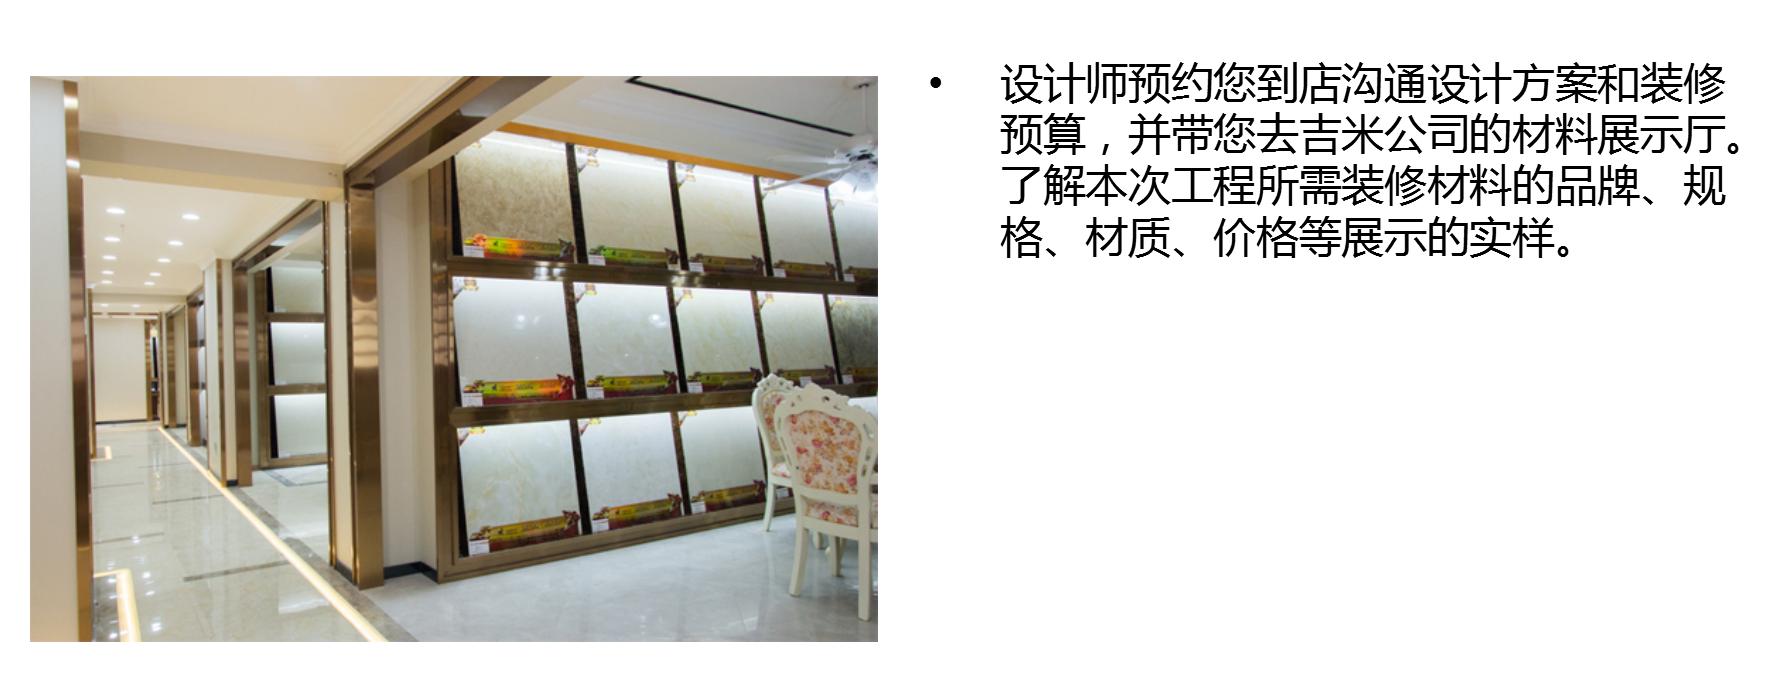 免費報價|設計與報價-上海吉米裝潢有限公司